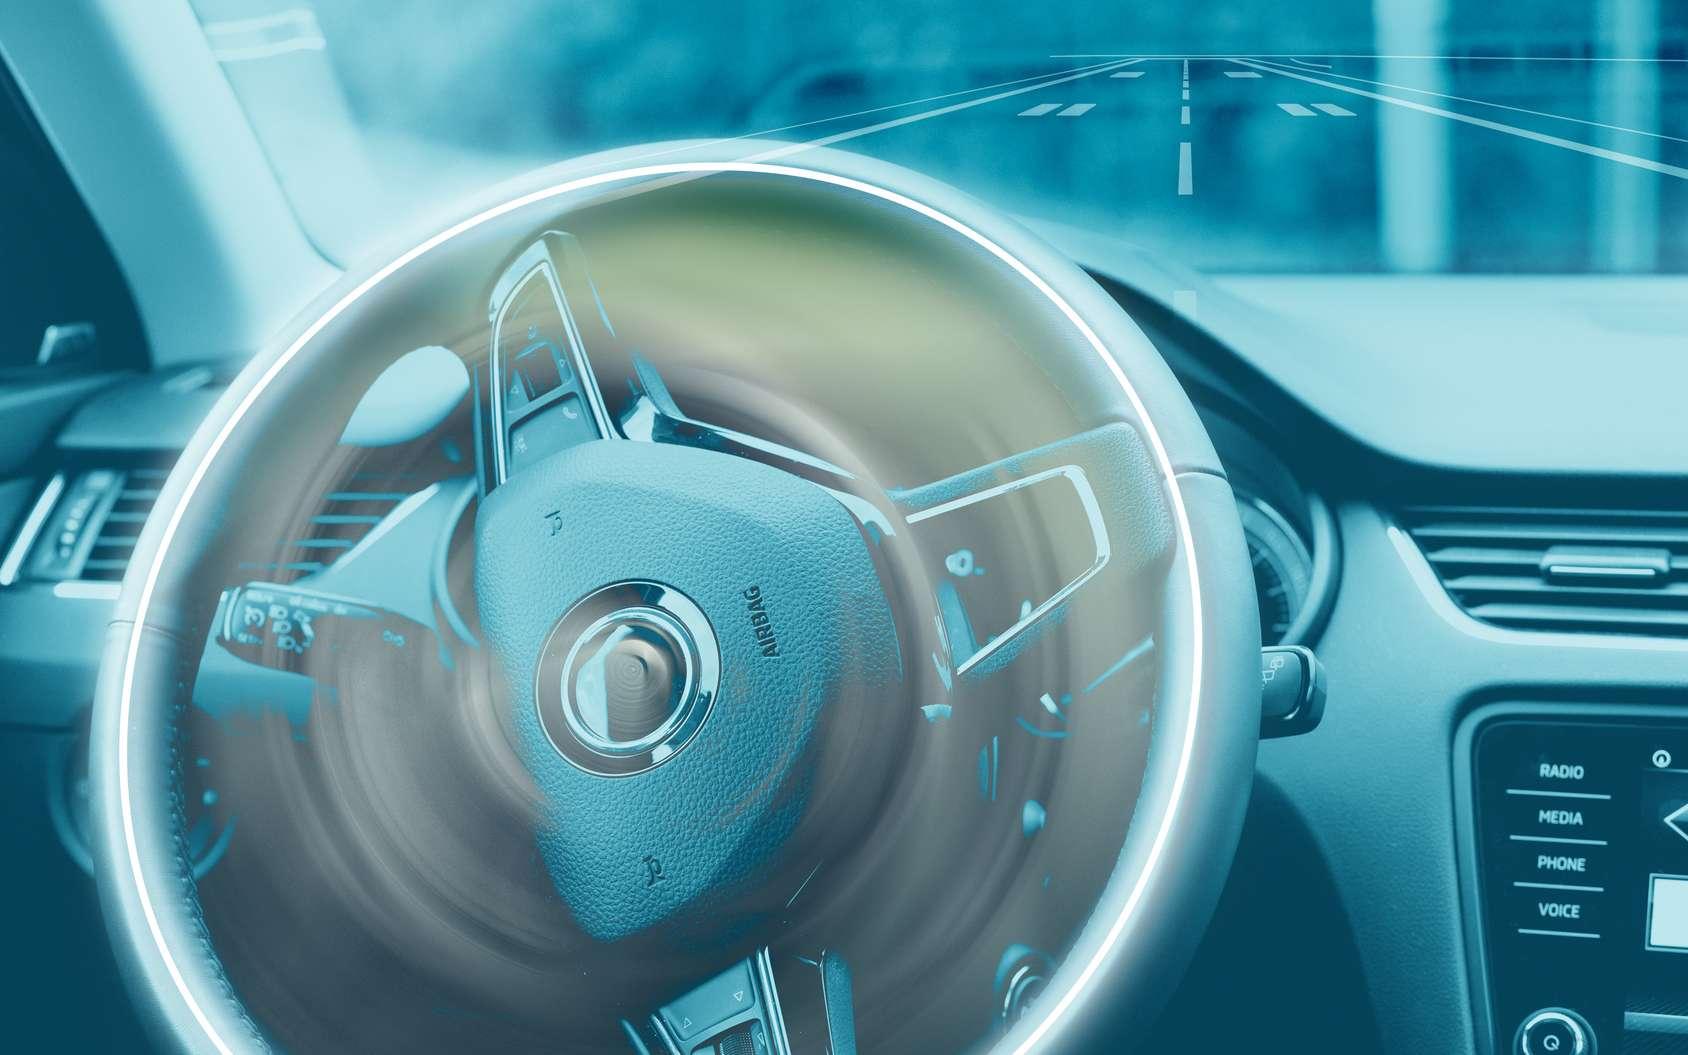 Aucun système d'assistance n'est autonome ni autopiloté. © rzoze19 - Fotolia.com